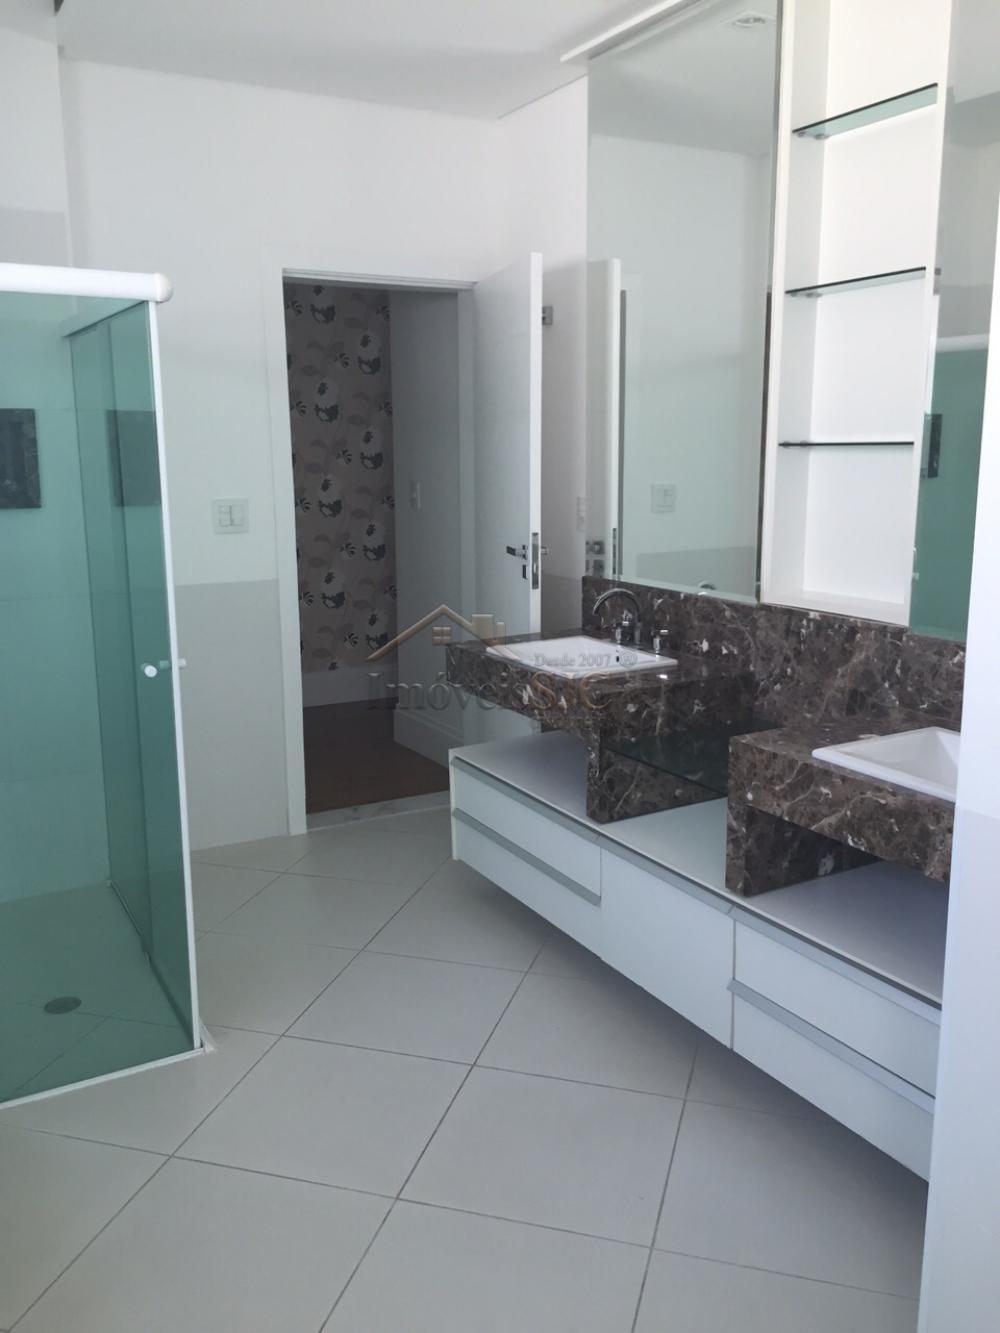 Alugar Casas / Condomínio em São José dos Campos apenas R$ 15.000,00 - Foto 18